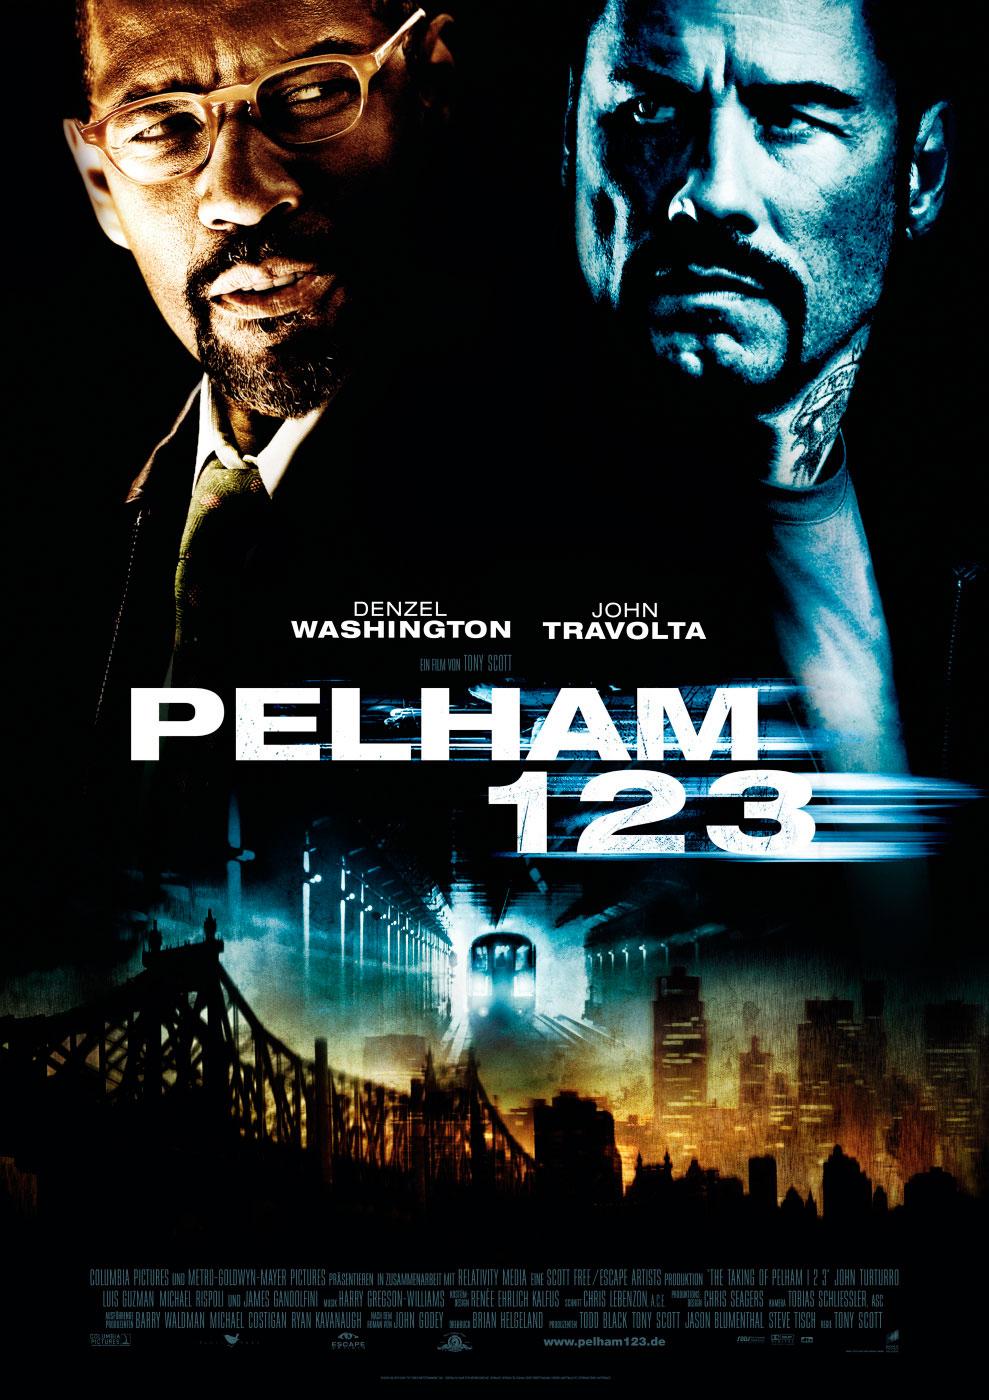 Asalto al tren Pelham 123 (The taking of Pelham 123)